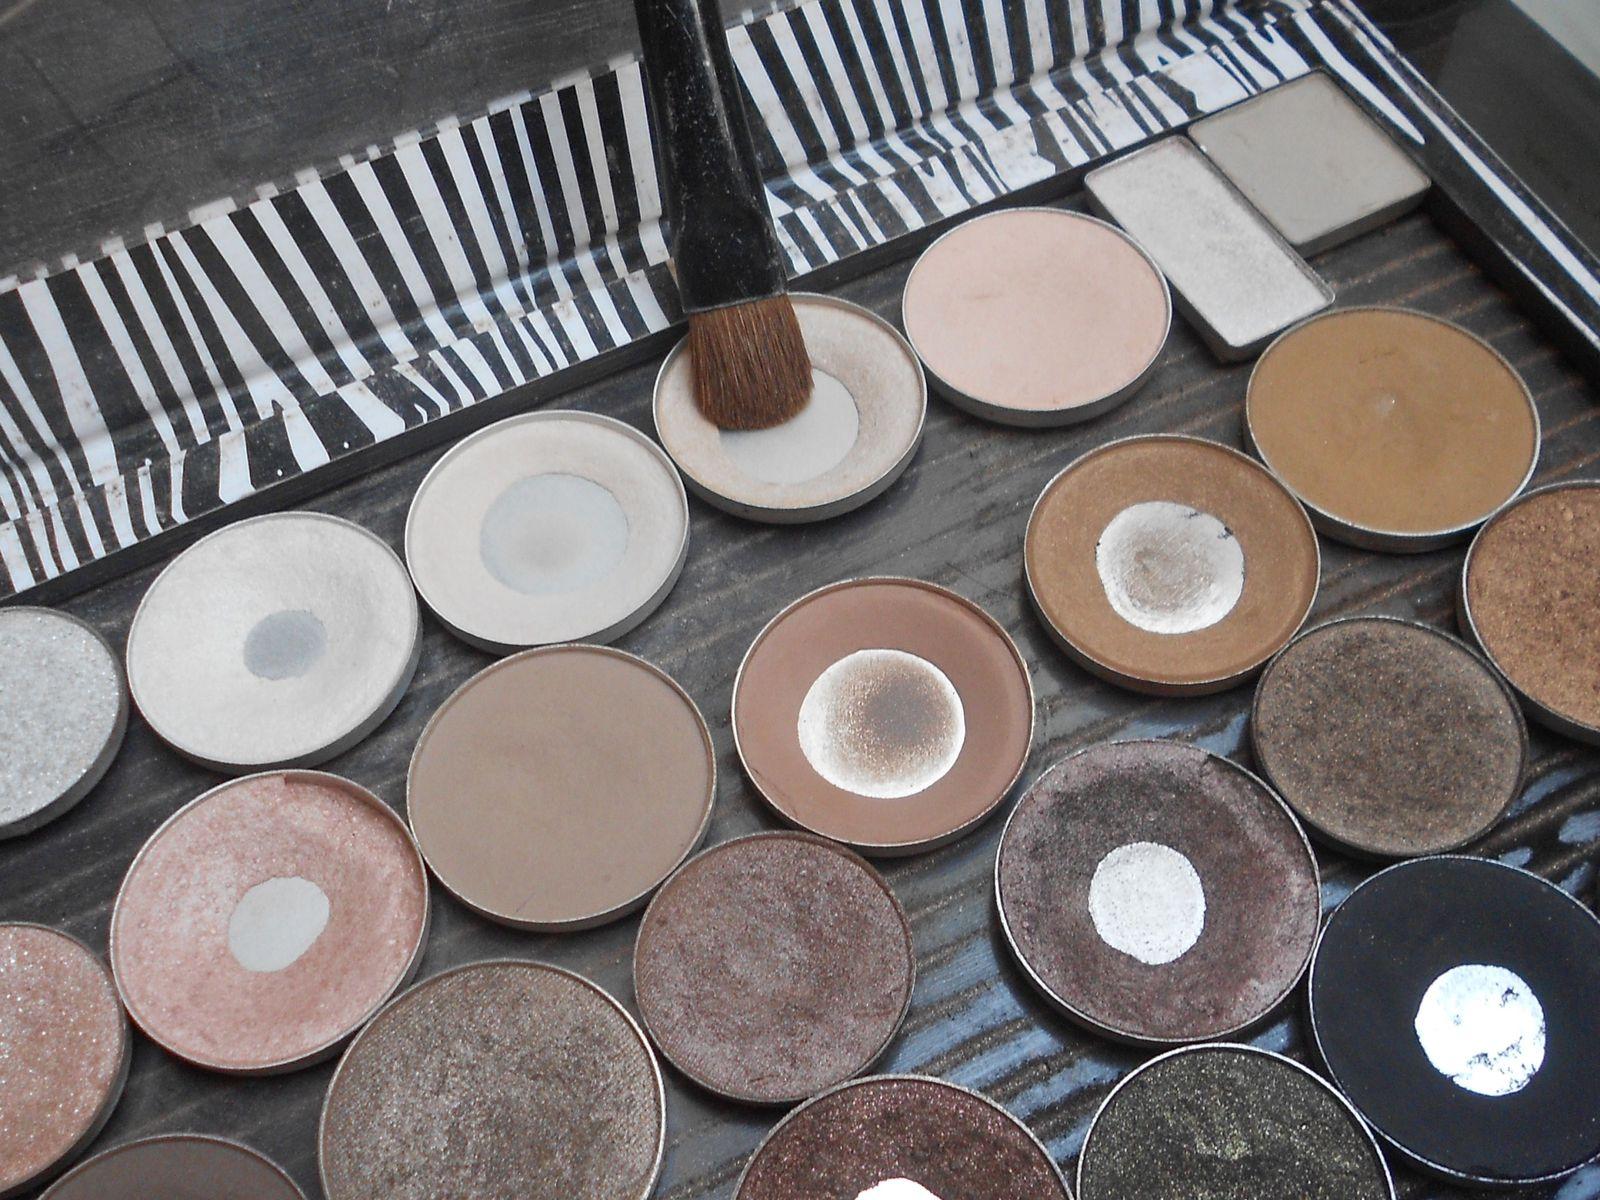 Tuto : Les pigments Makeup Geek en action !!